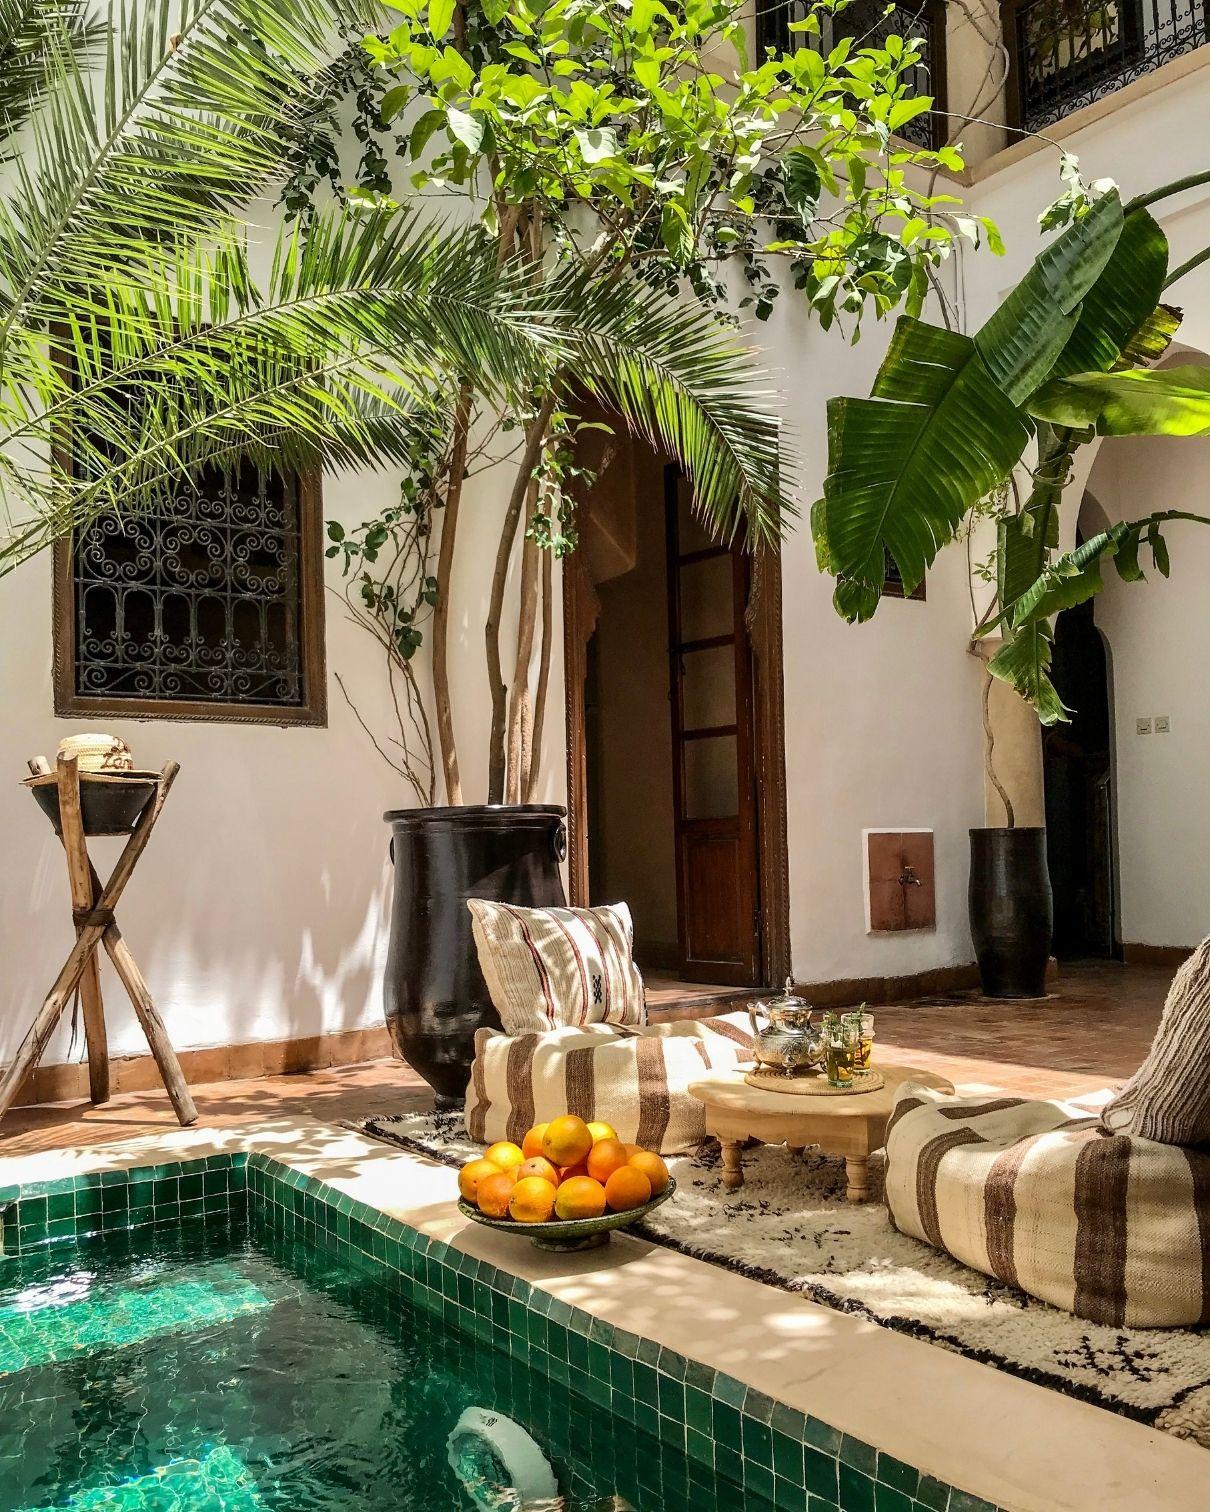 marrakech riad green zellij pool